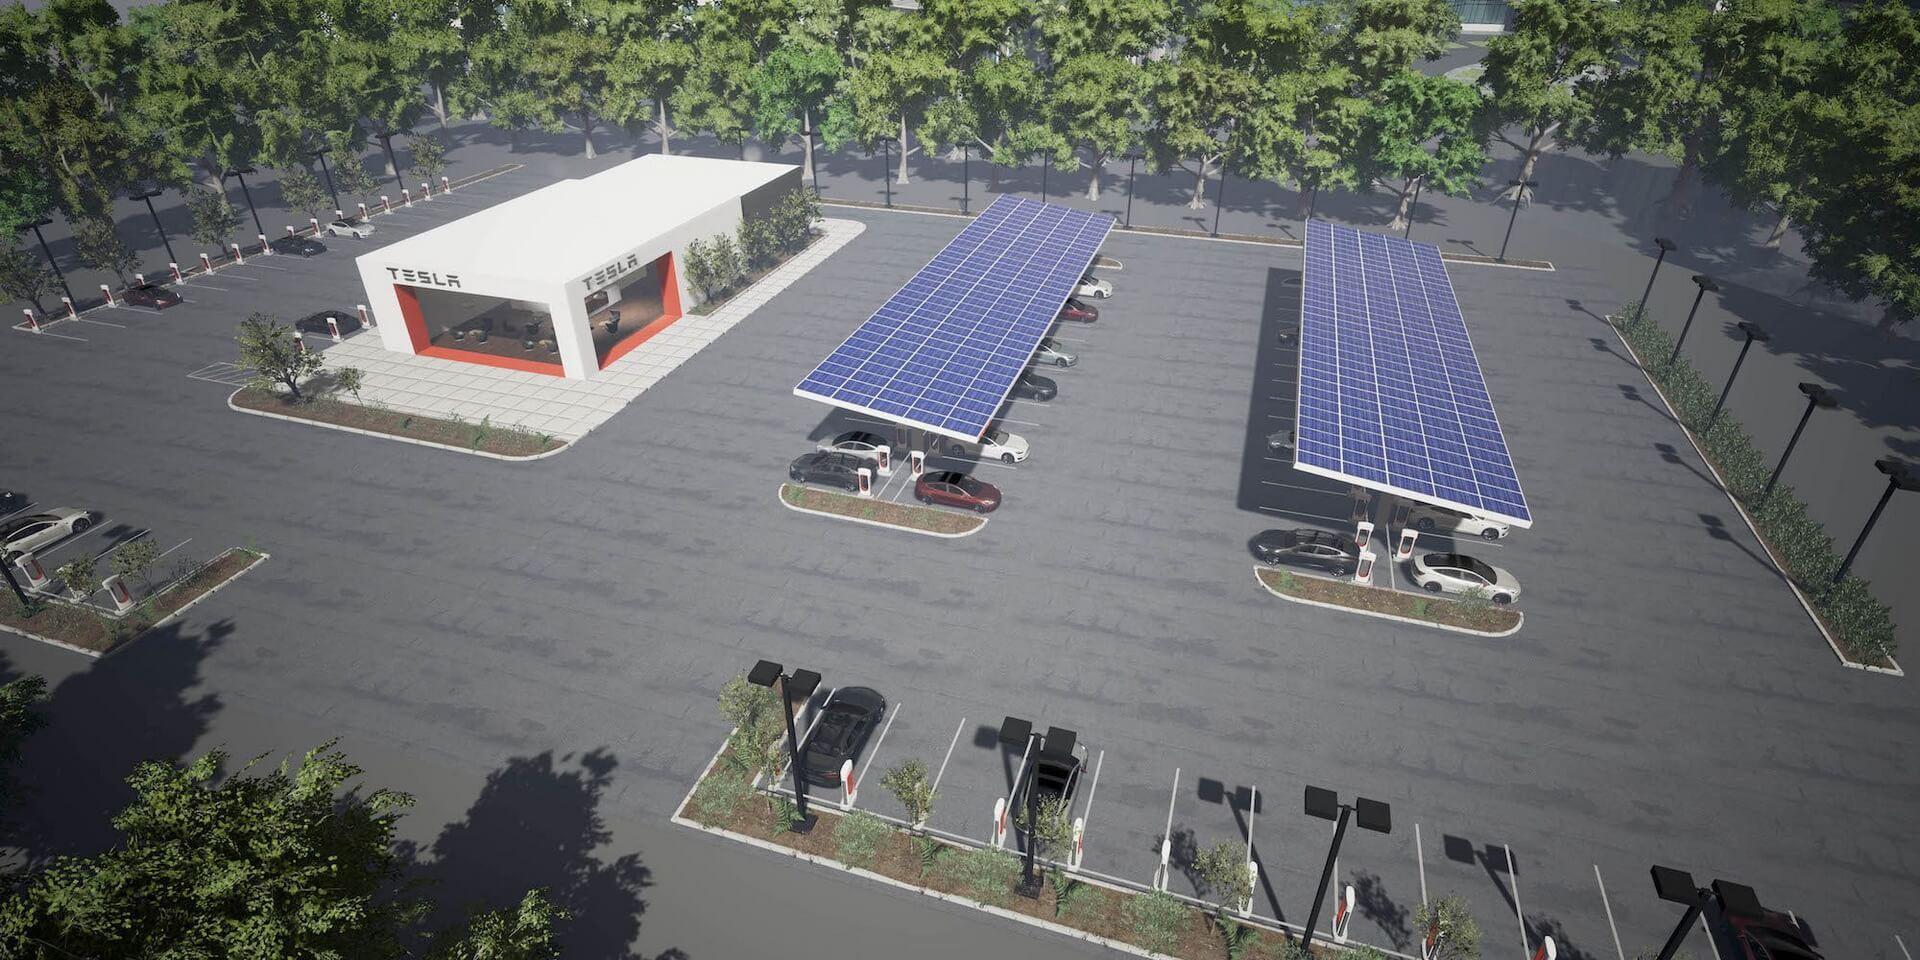 Вид зарядной станции с солнечными панелями Tesla Supercharge